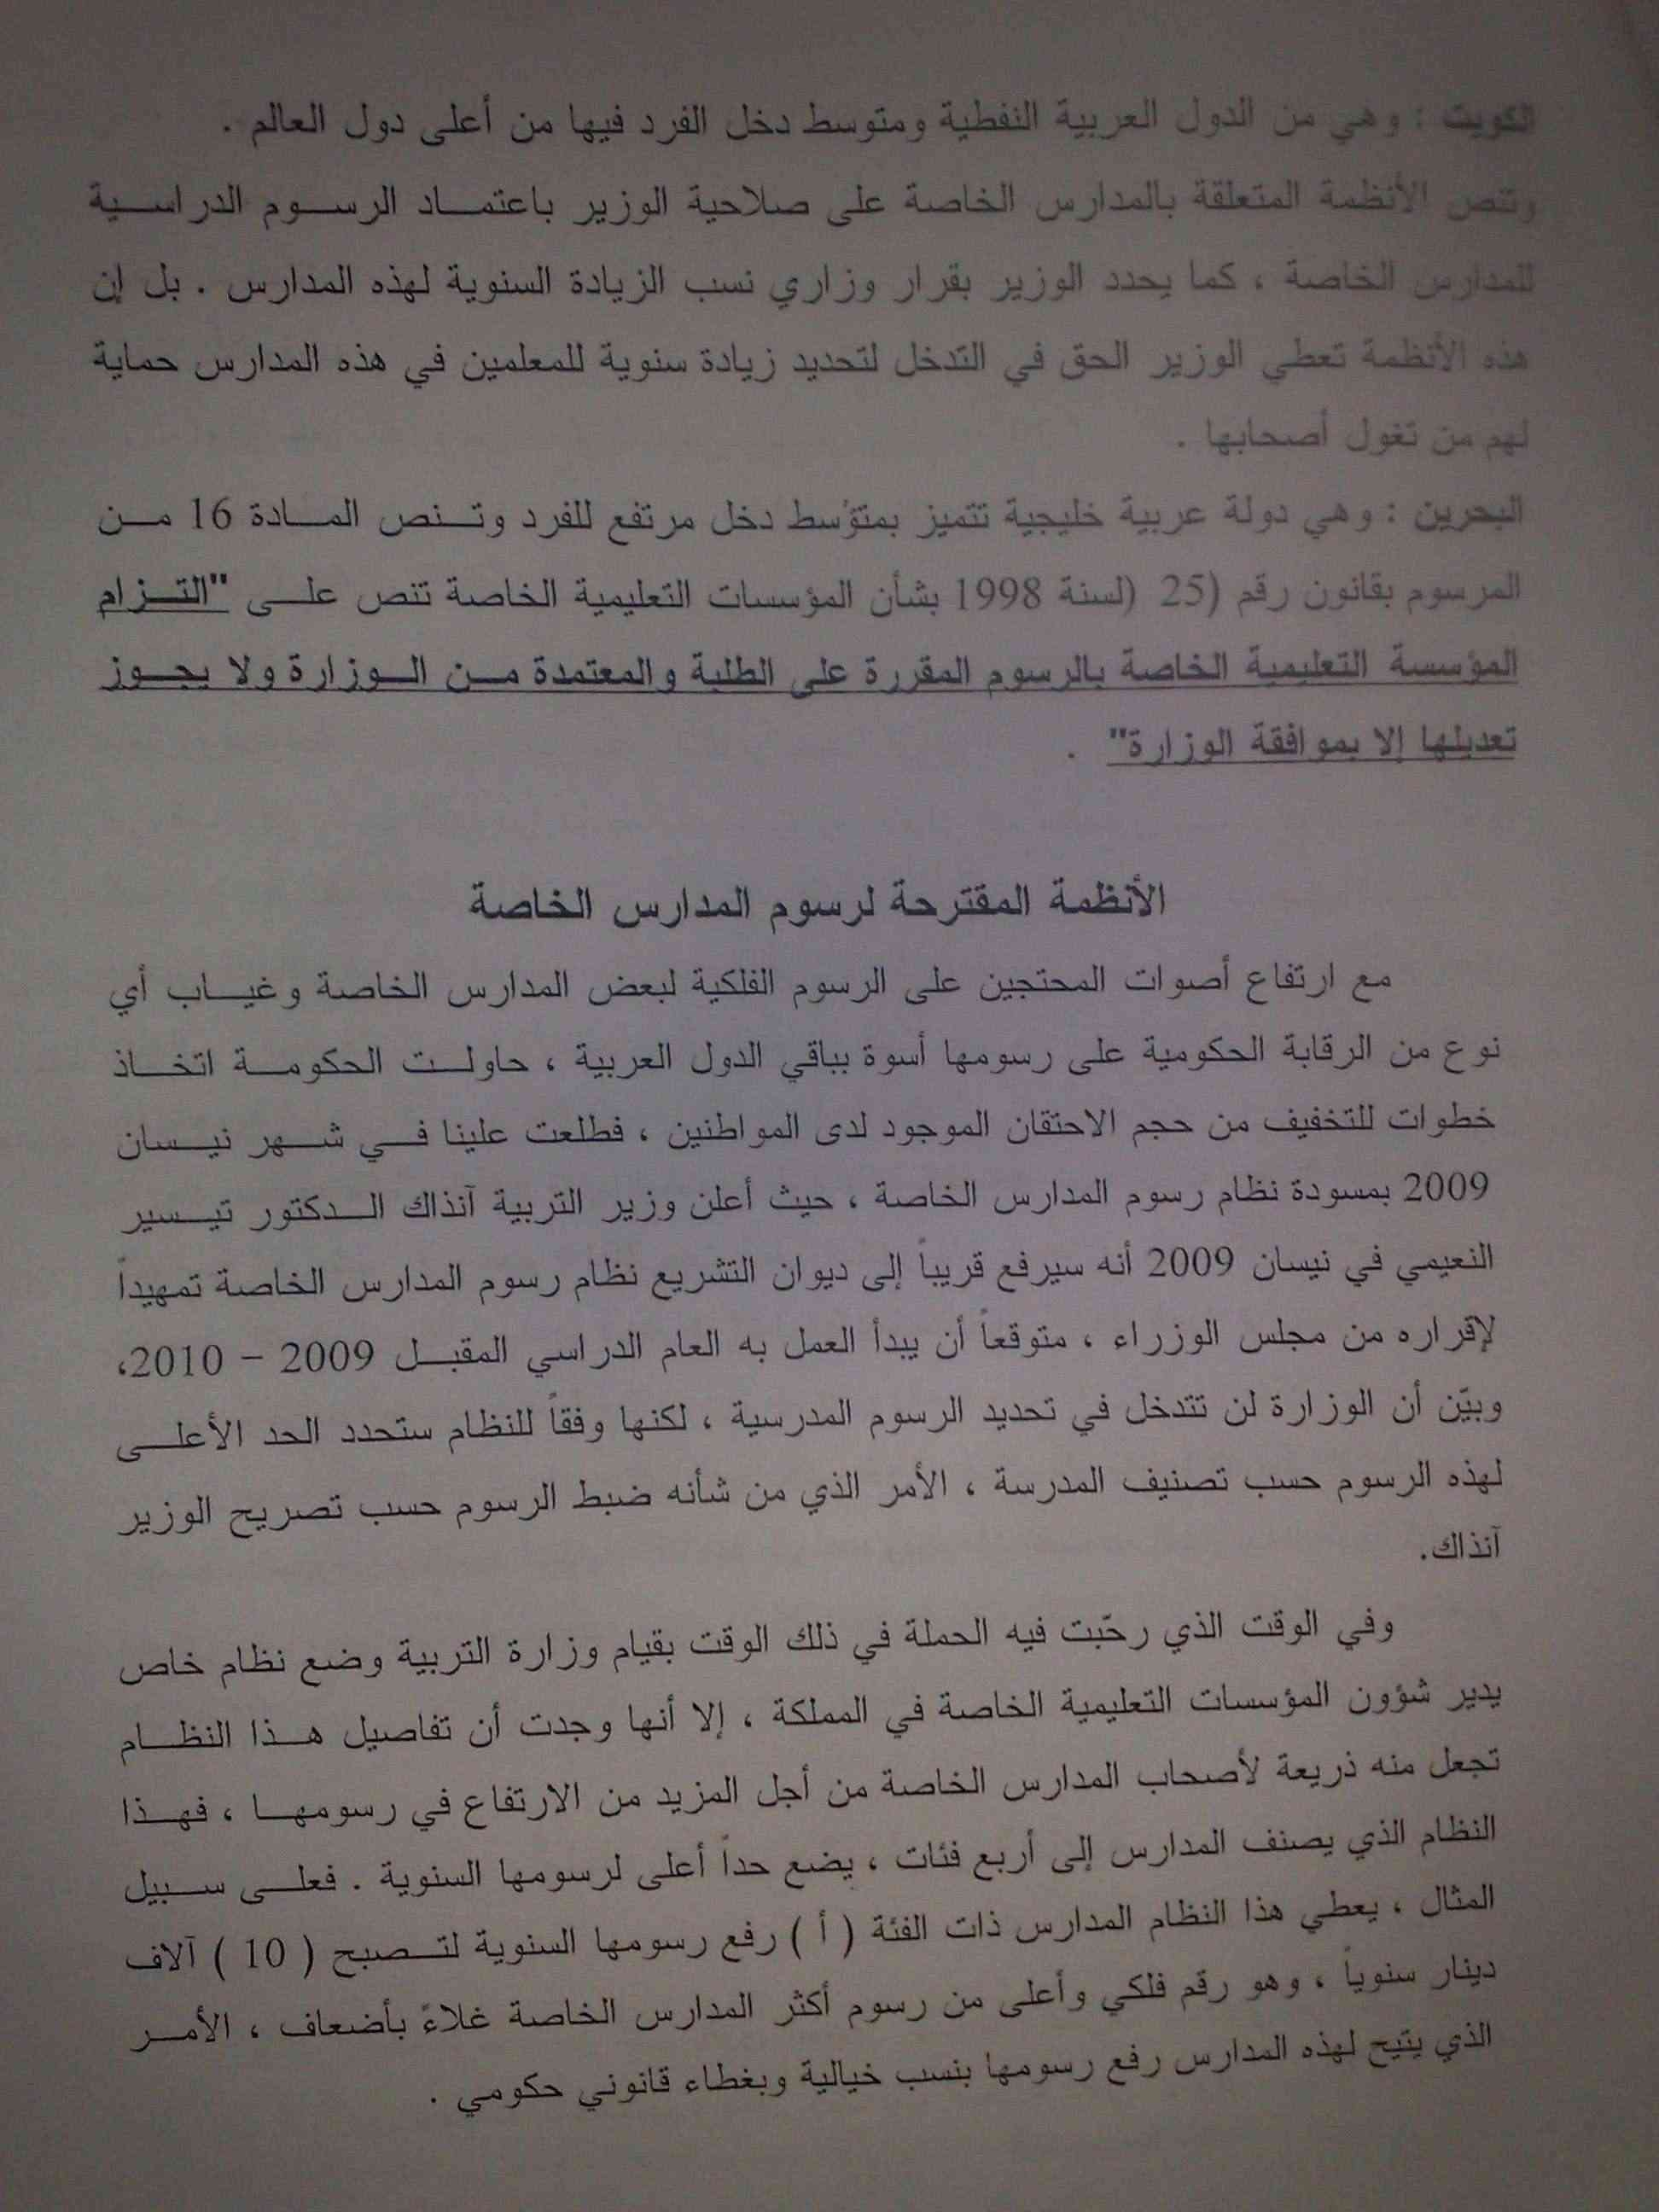 """قرائة الحملة الوطنية من اجل حقوق الطلبة"""" ذبحتونا"""" حول المدارس الخاصة Thab7t12"""